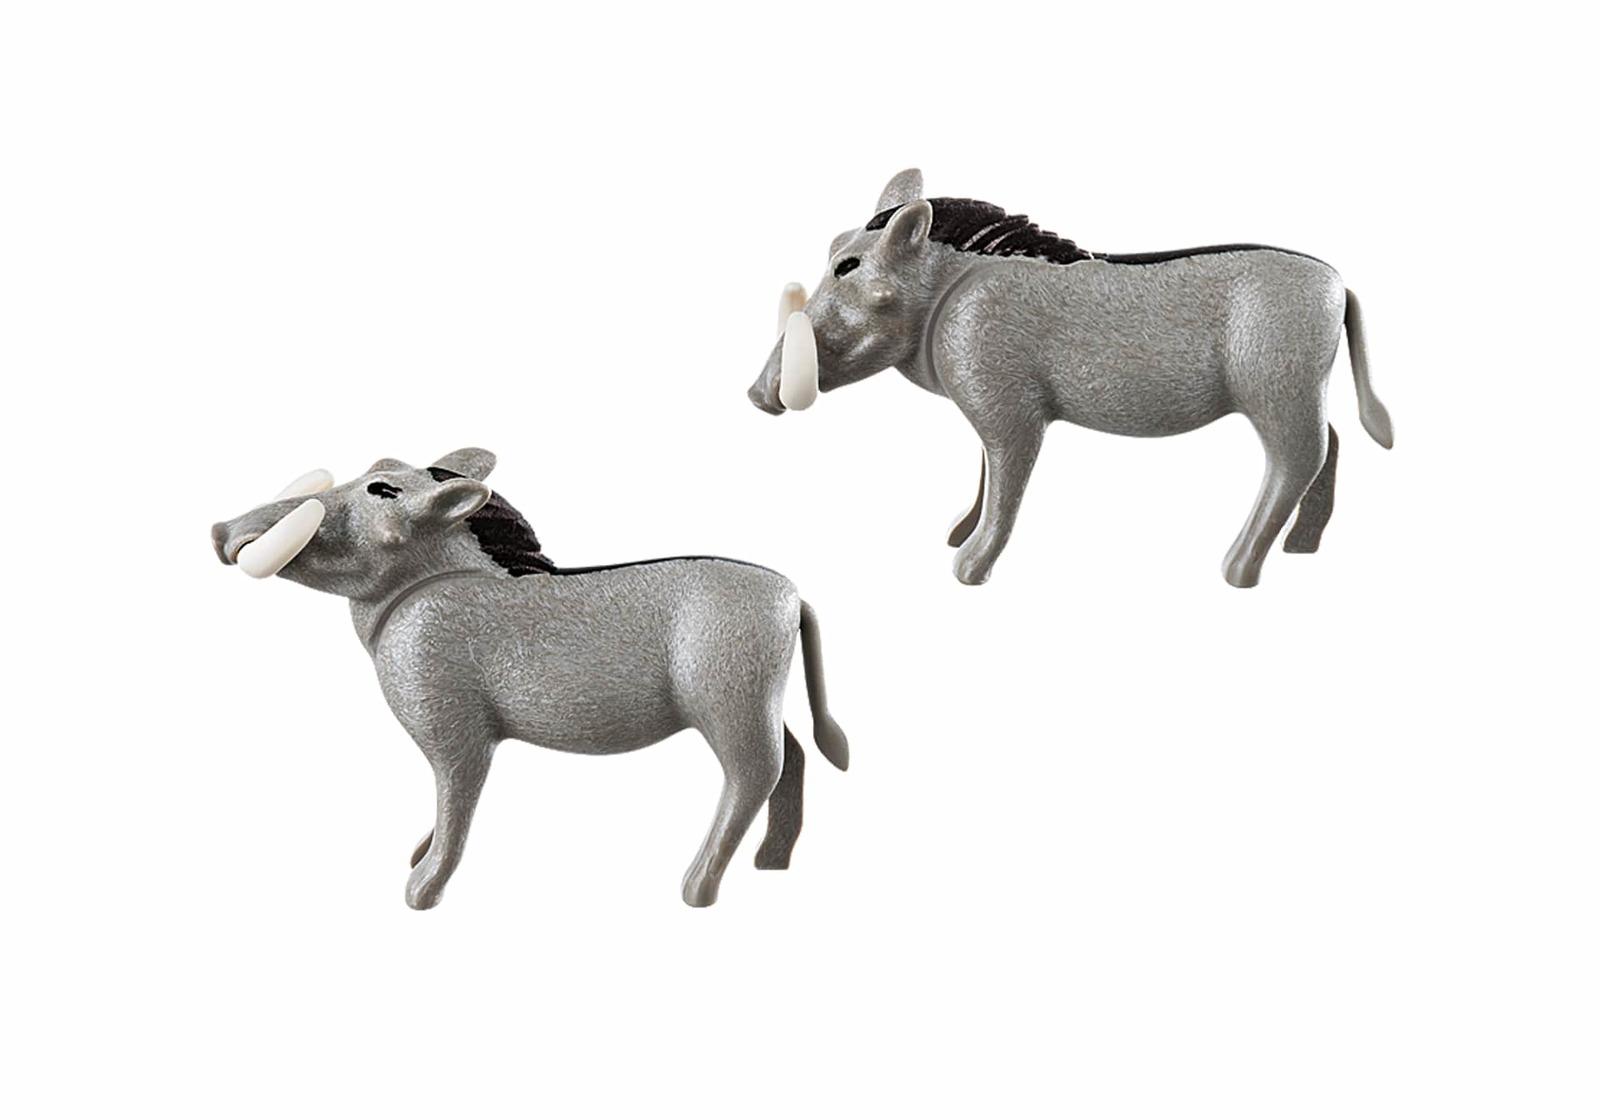 Playmobil: Wildlife - Warthogs image